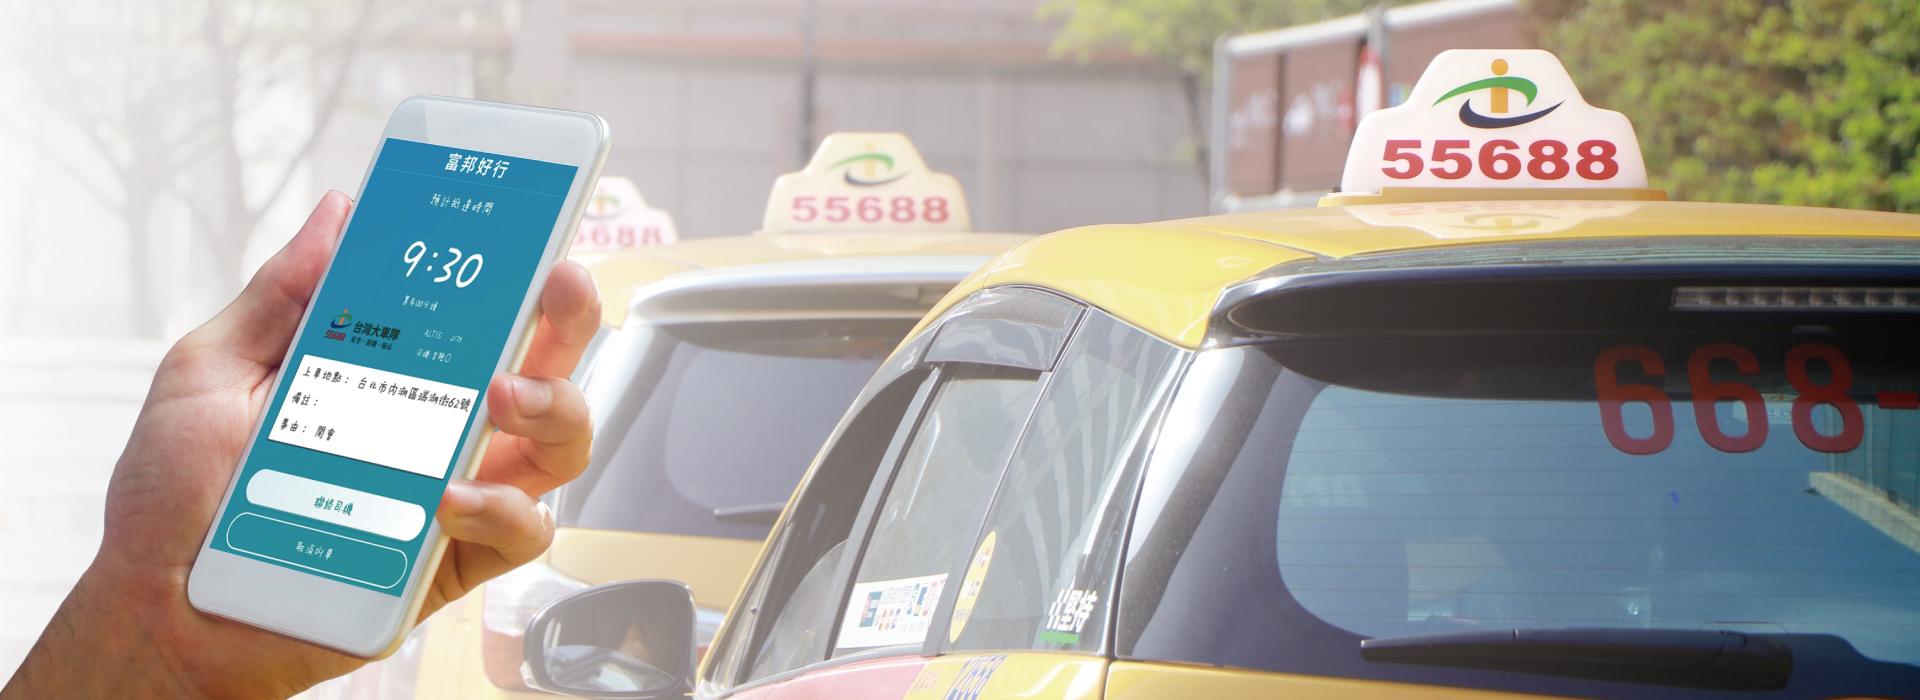 台灣大車隊企業E化服務業界領航  替客戶節省80%管銷